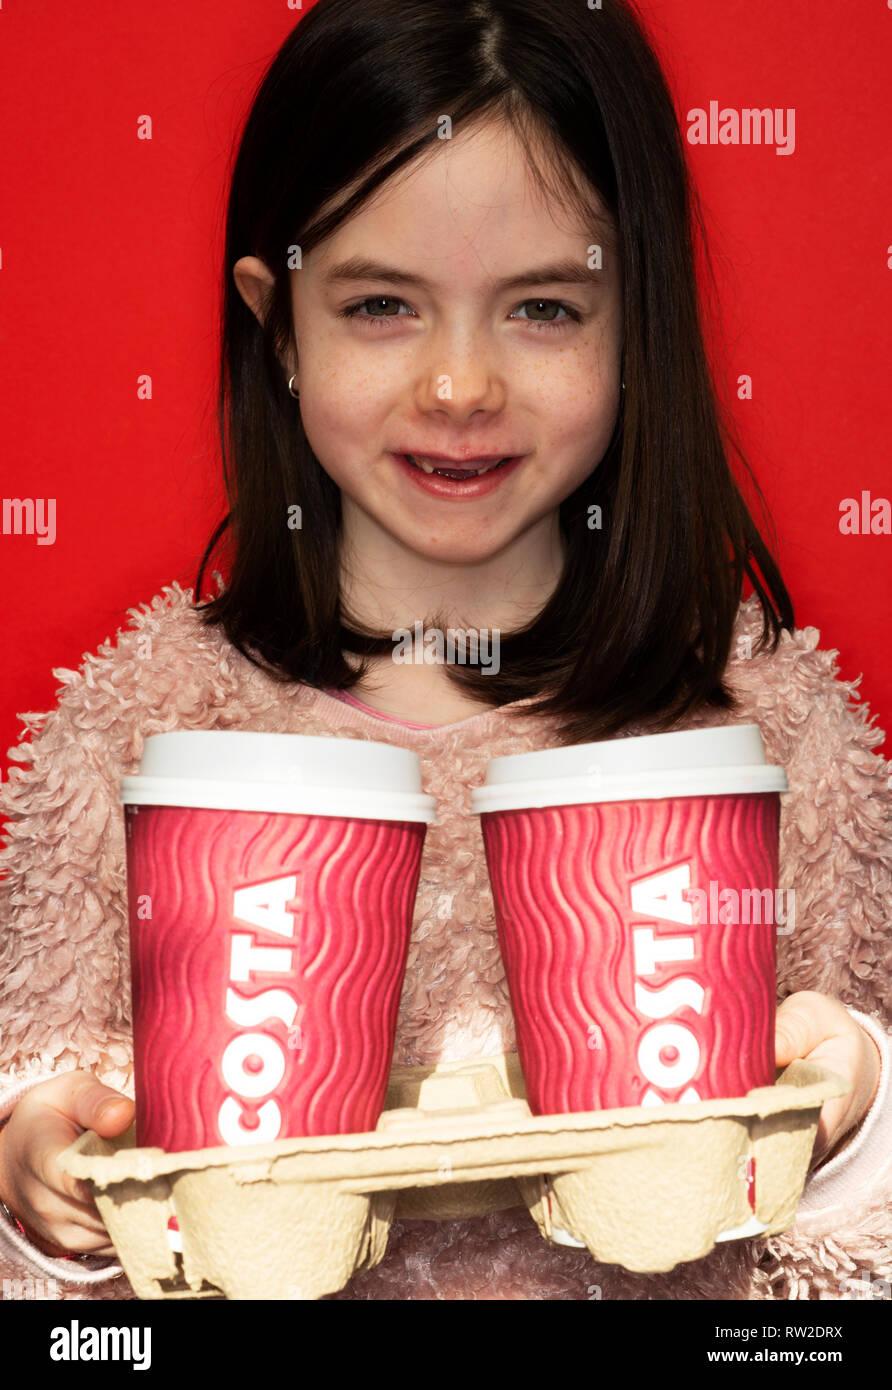 Take away Costa coffee - Stock Image